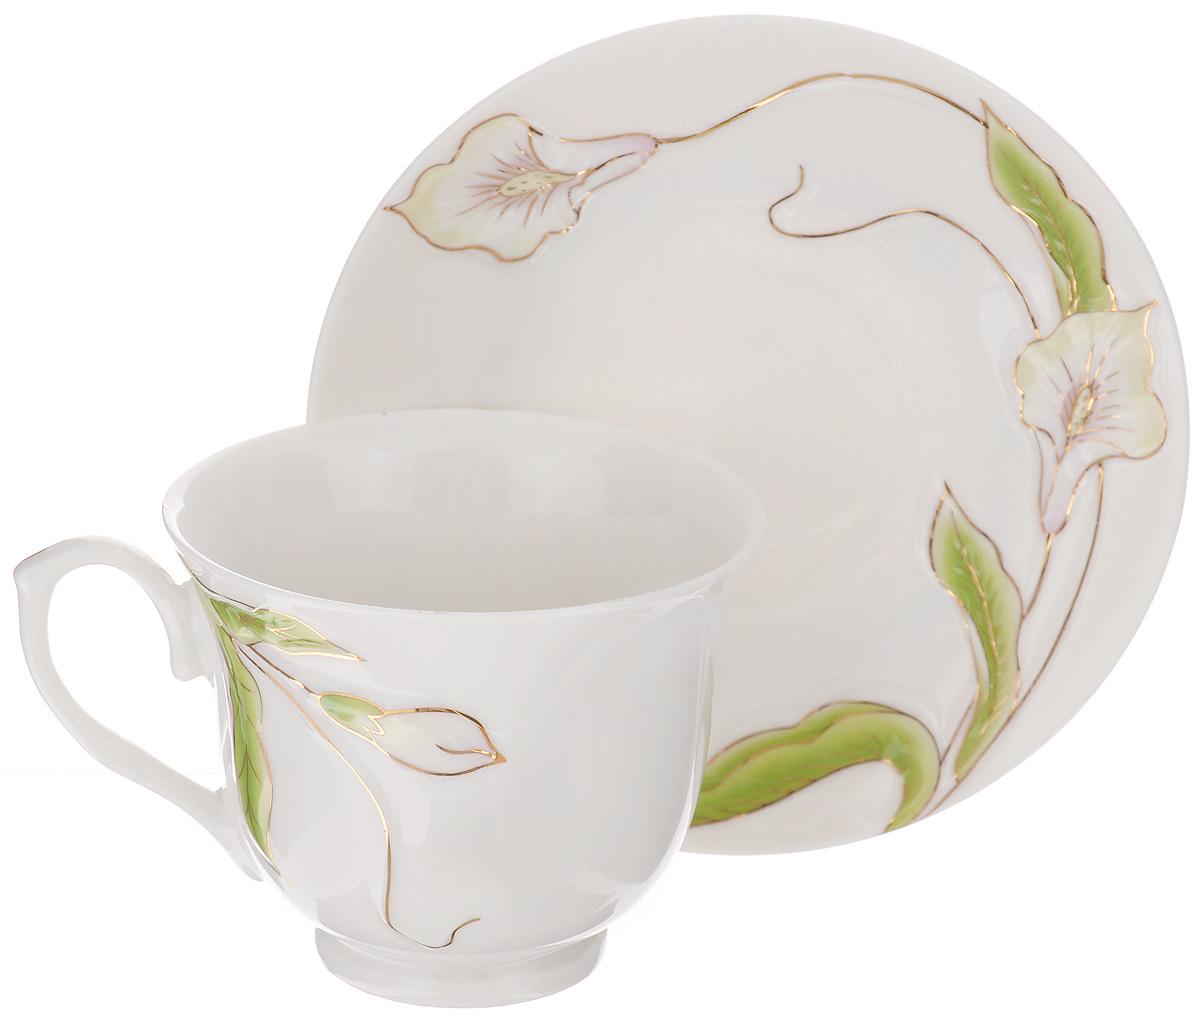 Чайная пара Loraine, 2 предмета. 2118421184Чайная пара Loraine состоит из чашки и блюдца. Изделия выполнены из высококачественногокостяного фарфора и оформлены цветным рисунком. Чайная пара Loraine - это не только яркийи полезный подарок для родных и близких, а также великолепное дизайнерское решение длявашей кухни или столовой. Чайный набор упакован в подарочную коробку.Объем чашки: 240 мл.Диаметр чашки (по верхнему краю): 9 см.Высота чашки: 7,5 см.Диаметр блюдца (по верхнему краю): 14 см.Высота блюдца: 1,5 см.